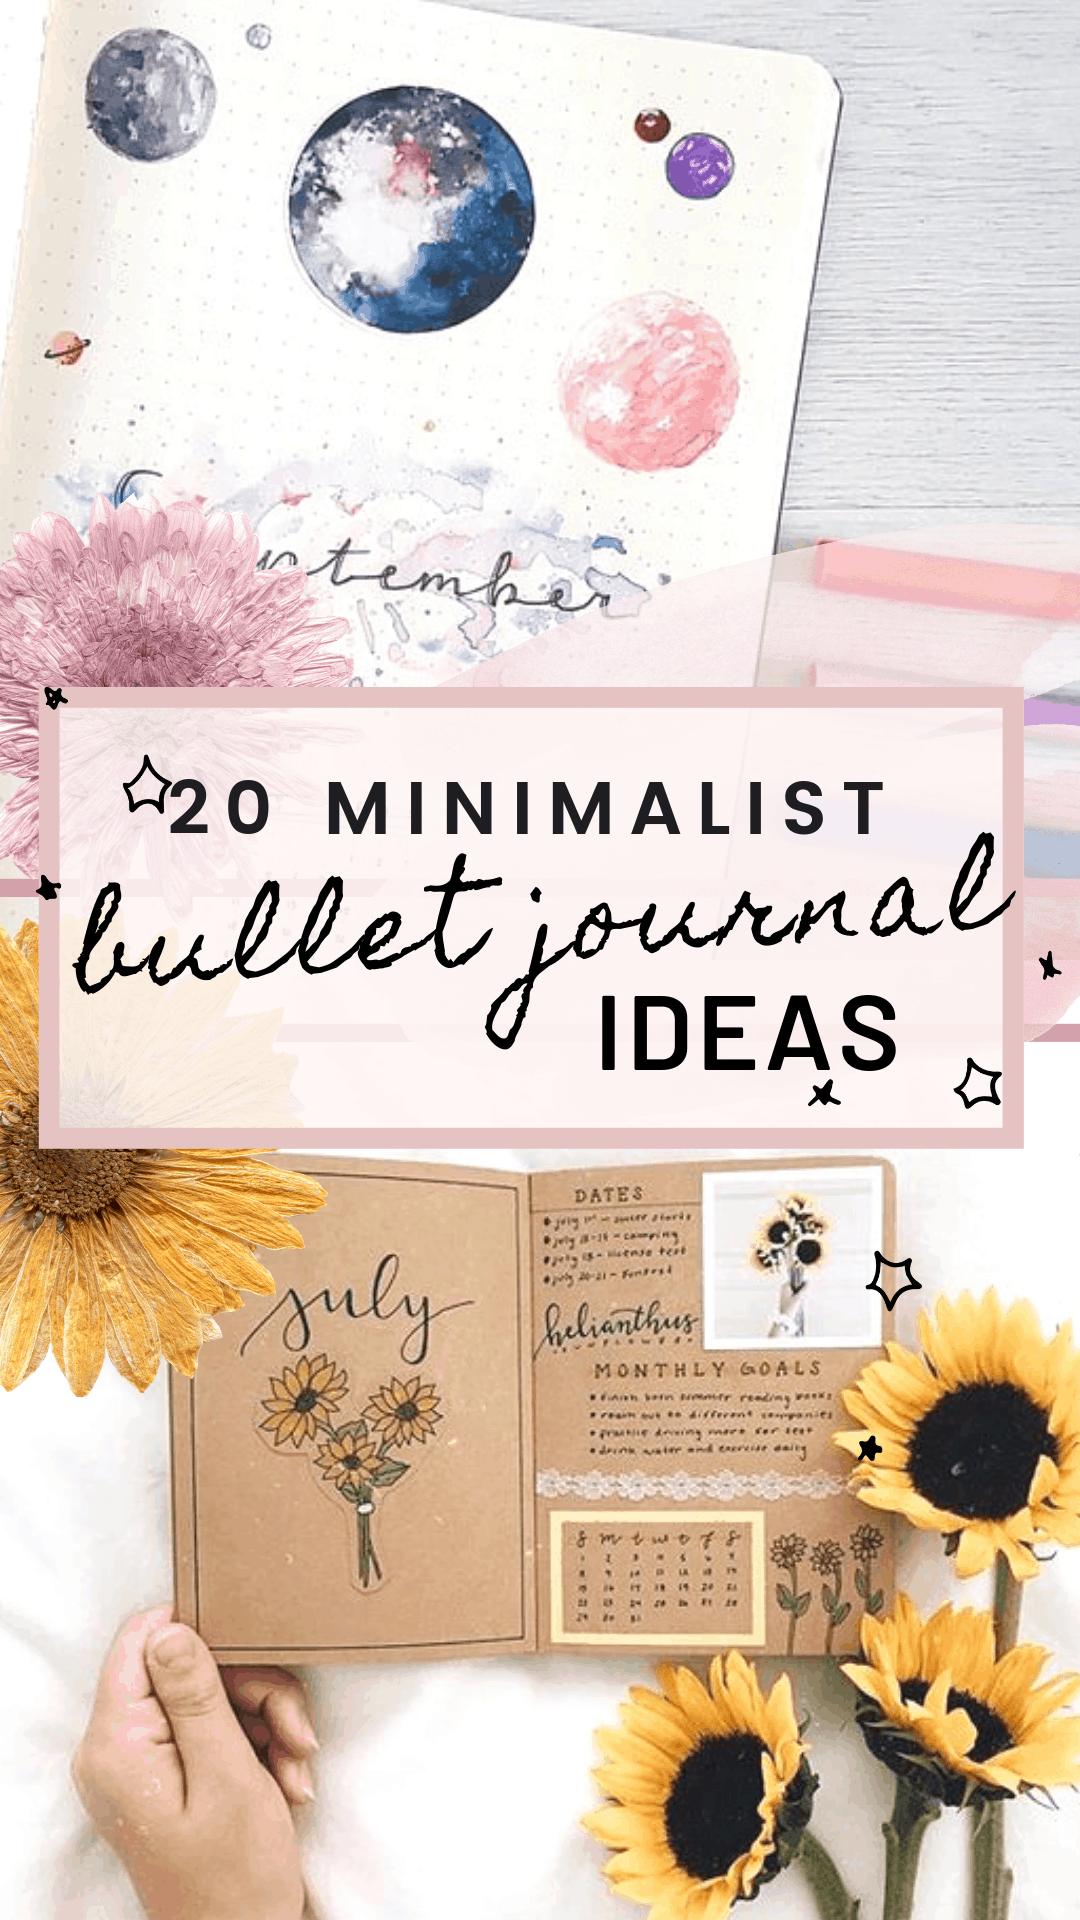 20 Minimalist Bullet Journal Ideas